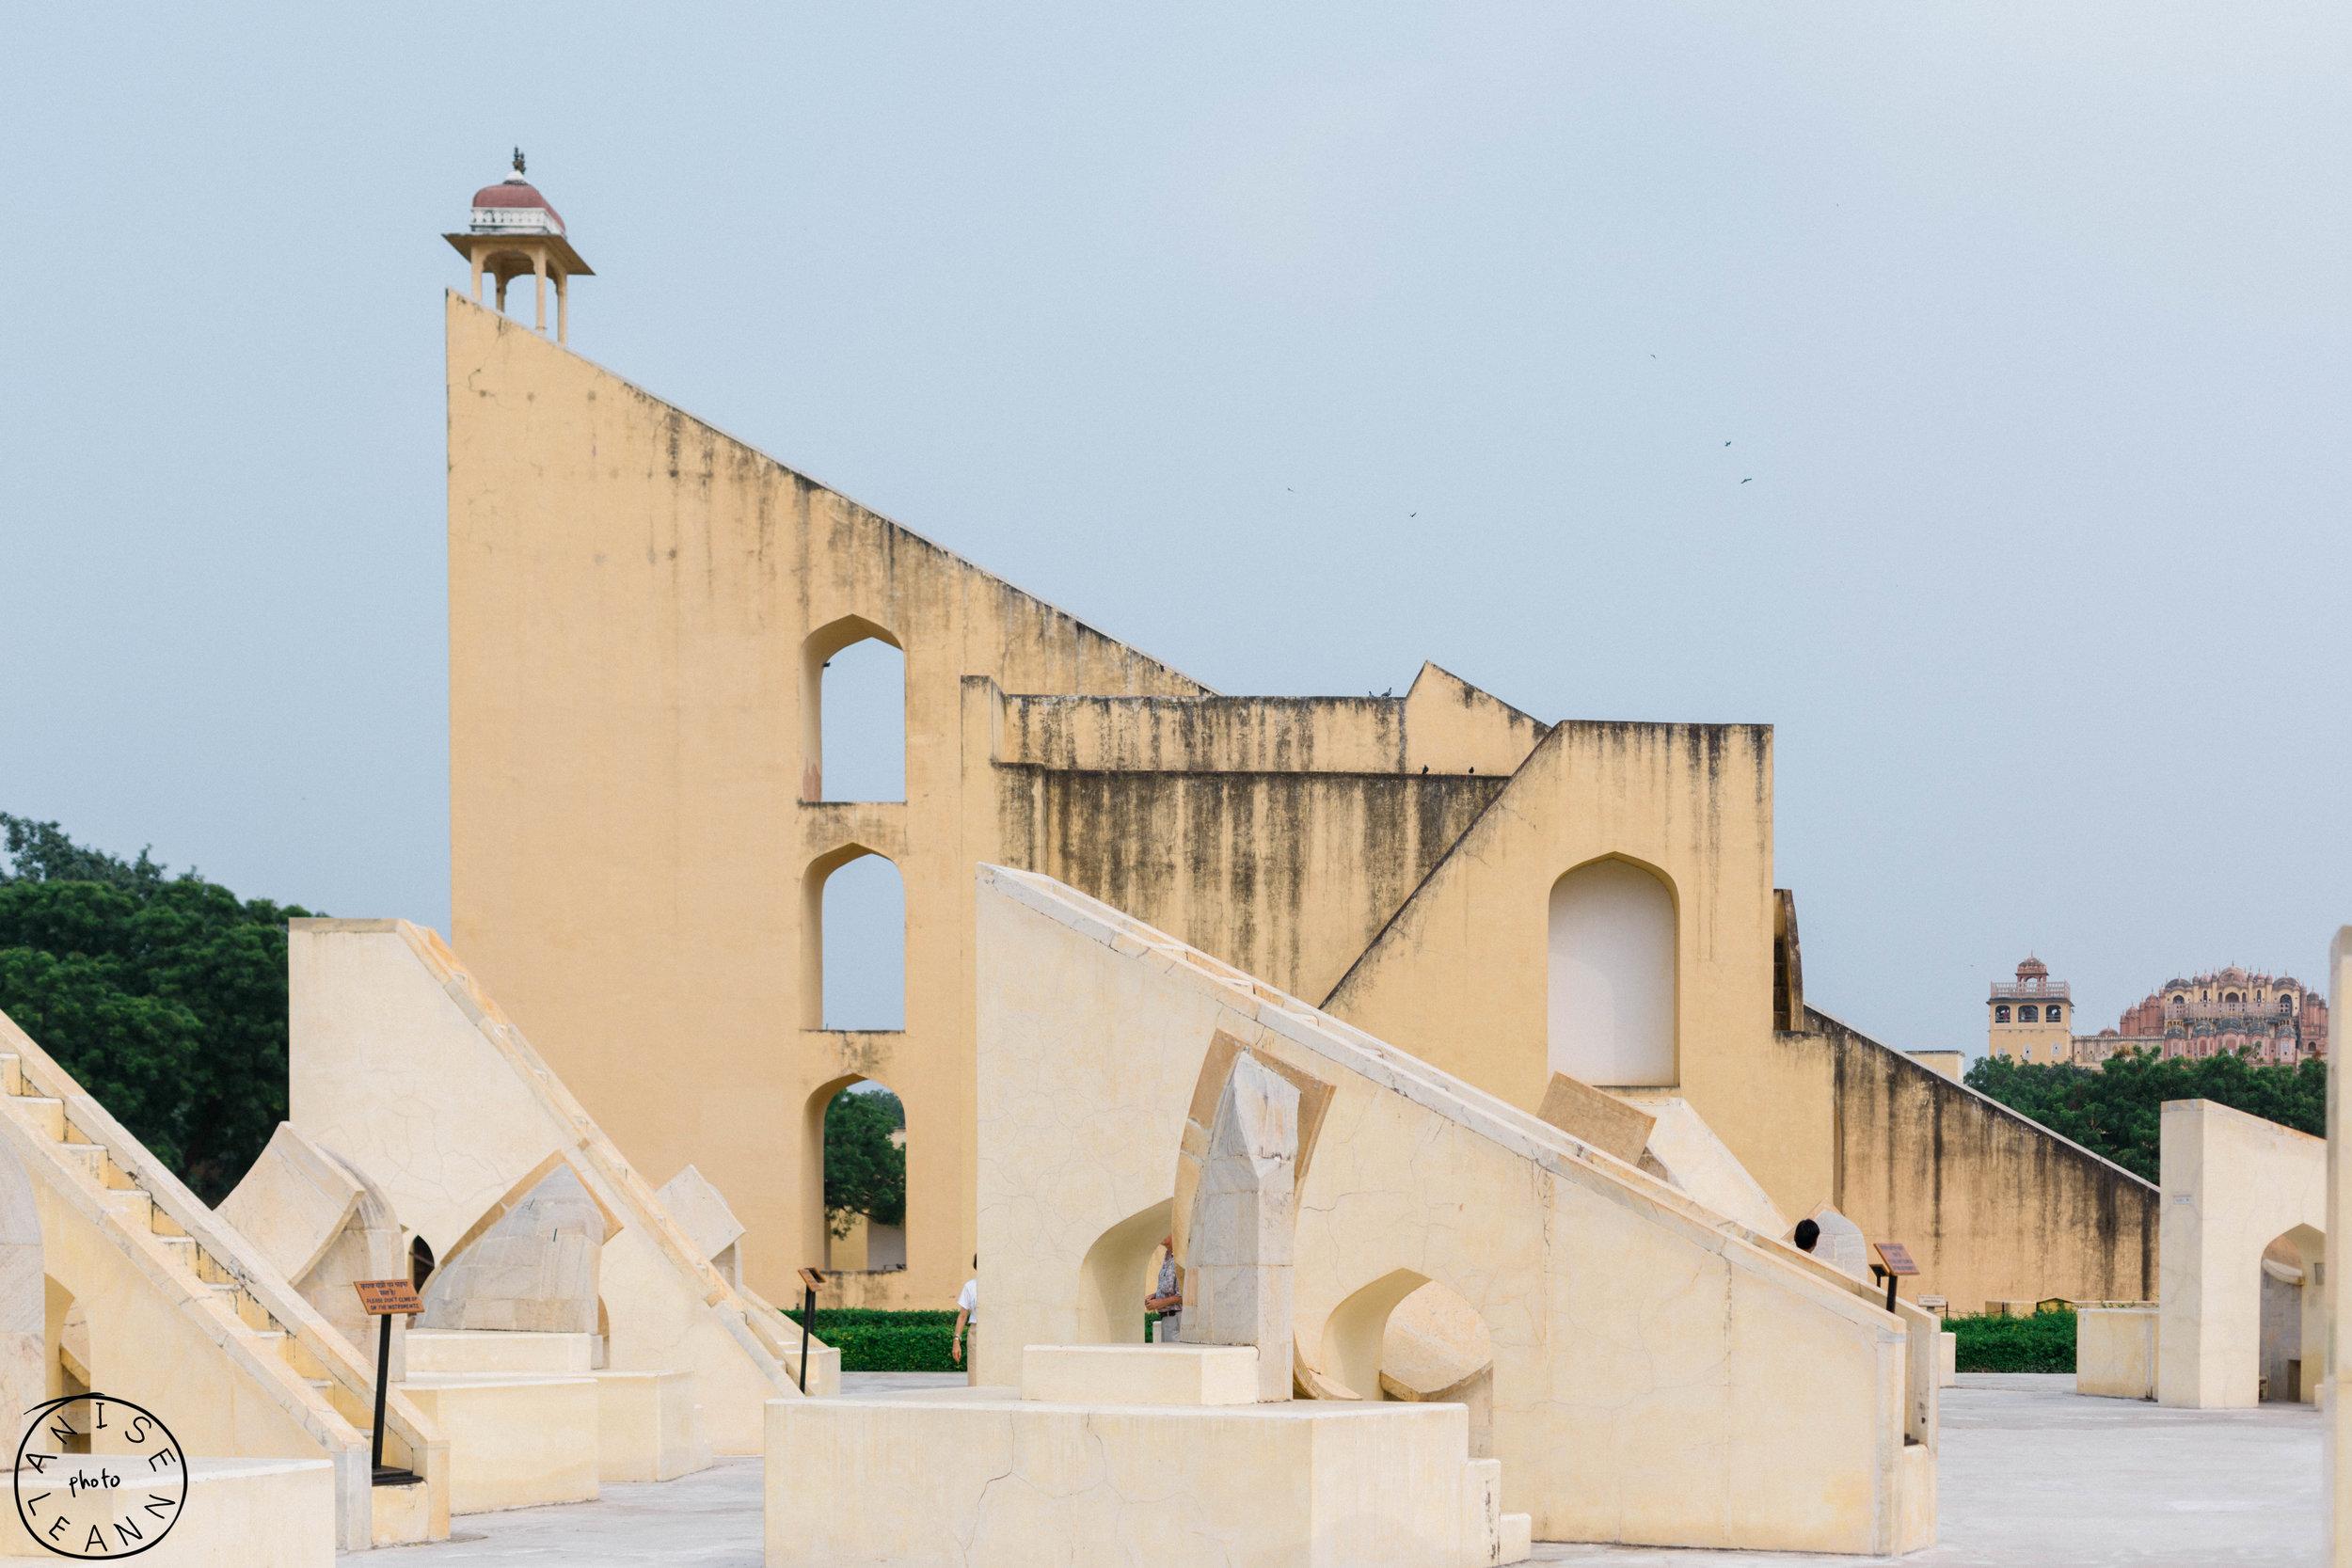 India-Jaipur-Day1-52.jpg